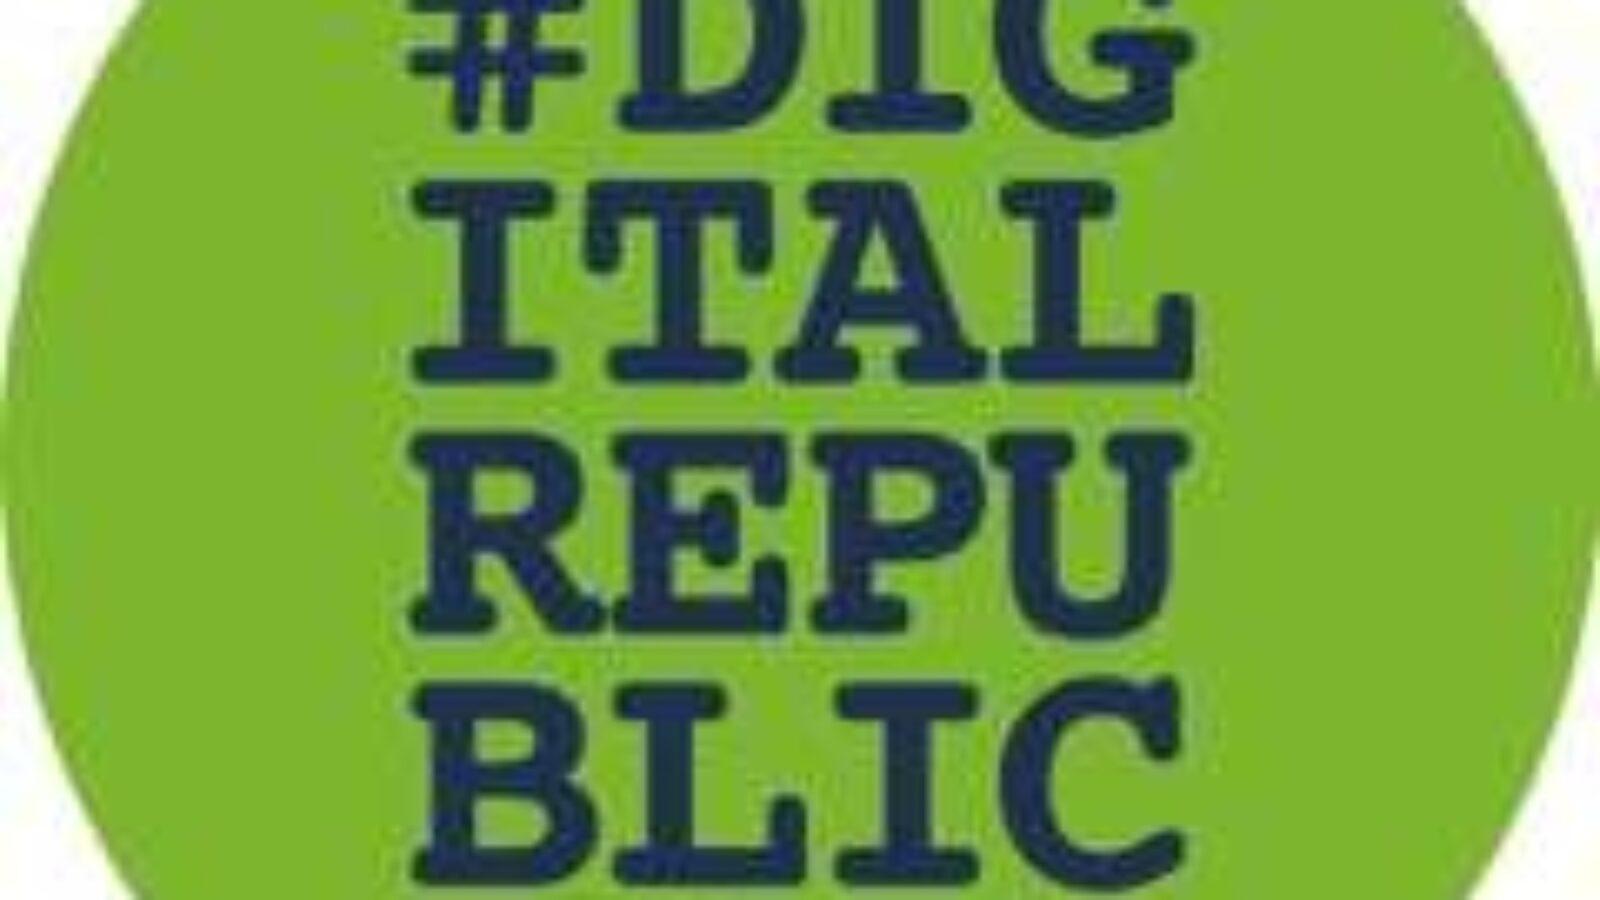 #digitalrepublic – The Ramp